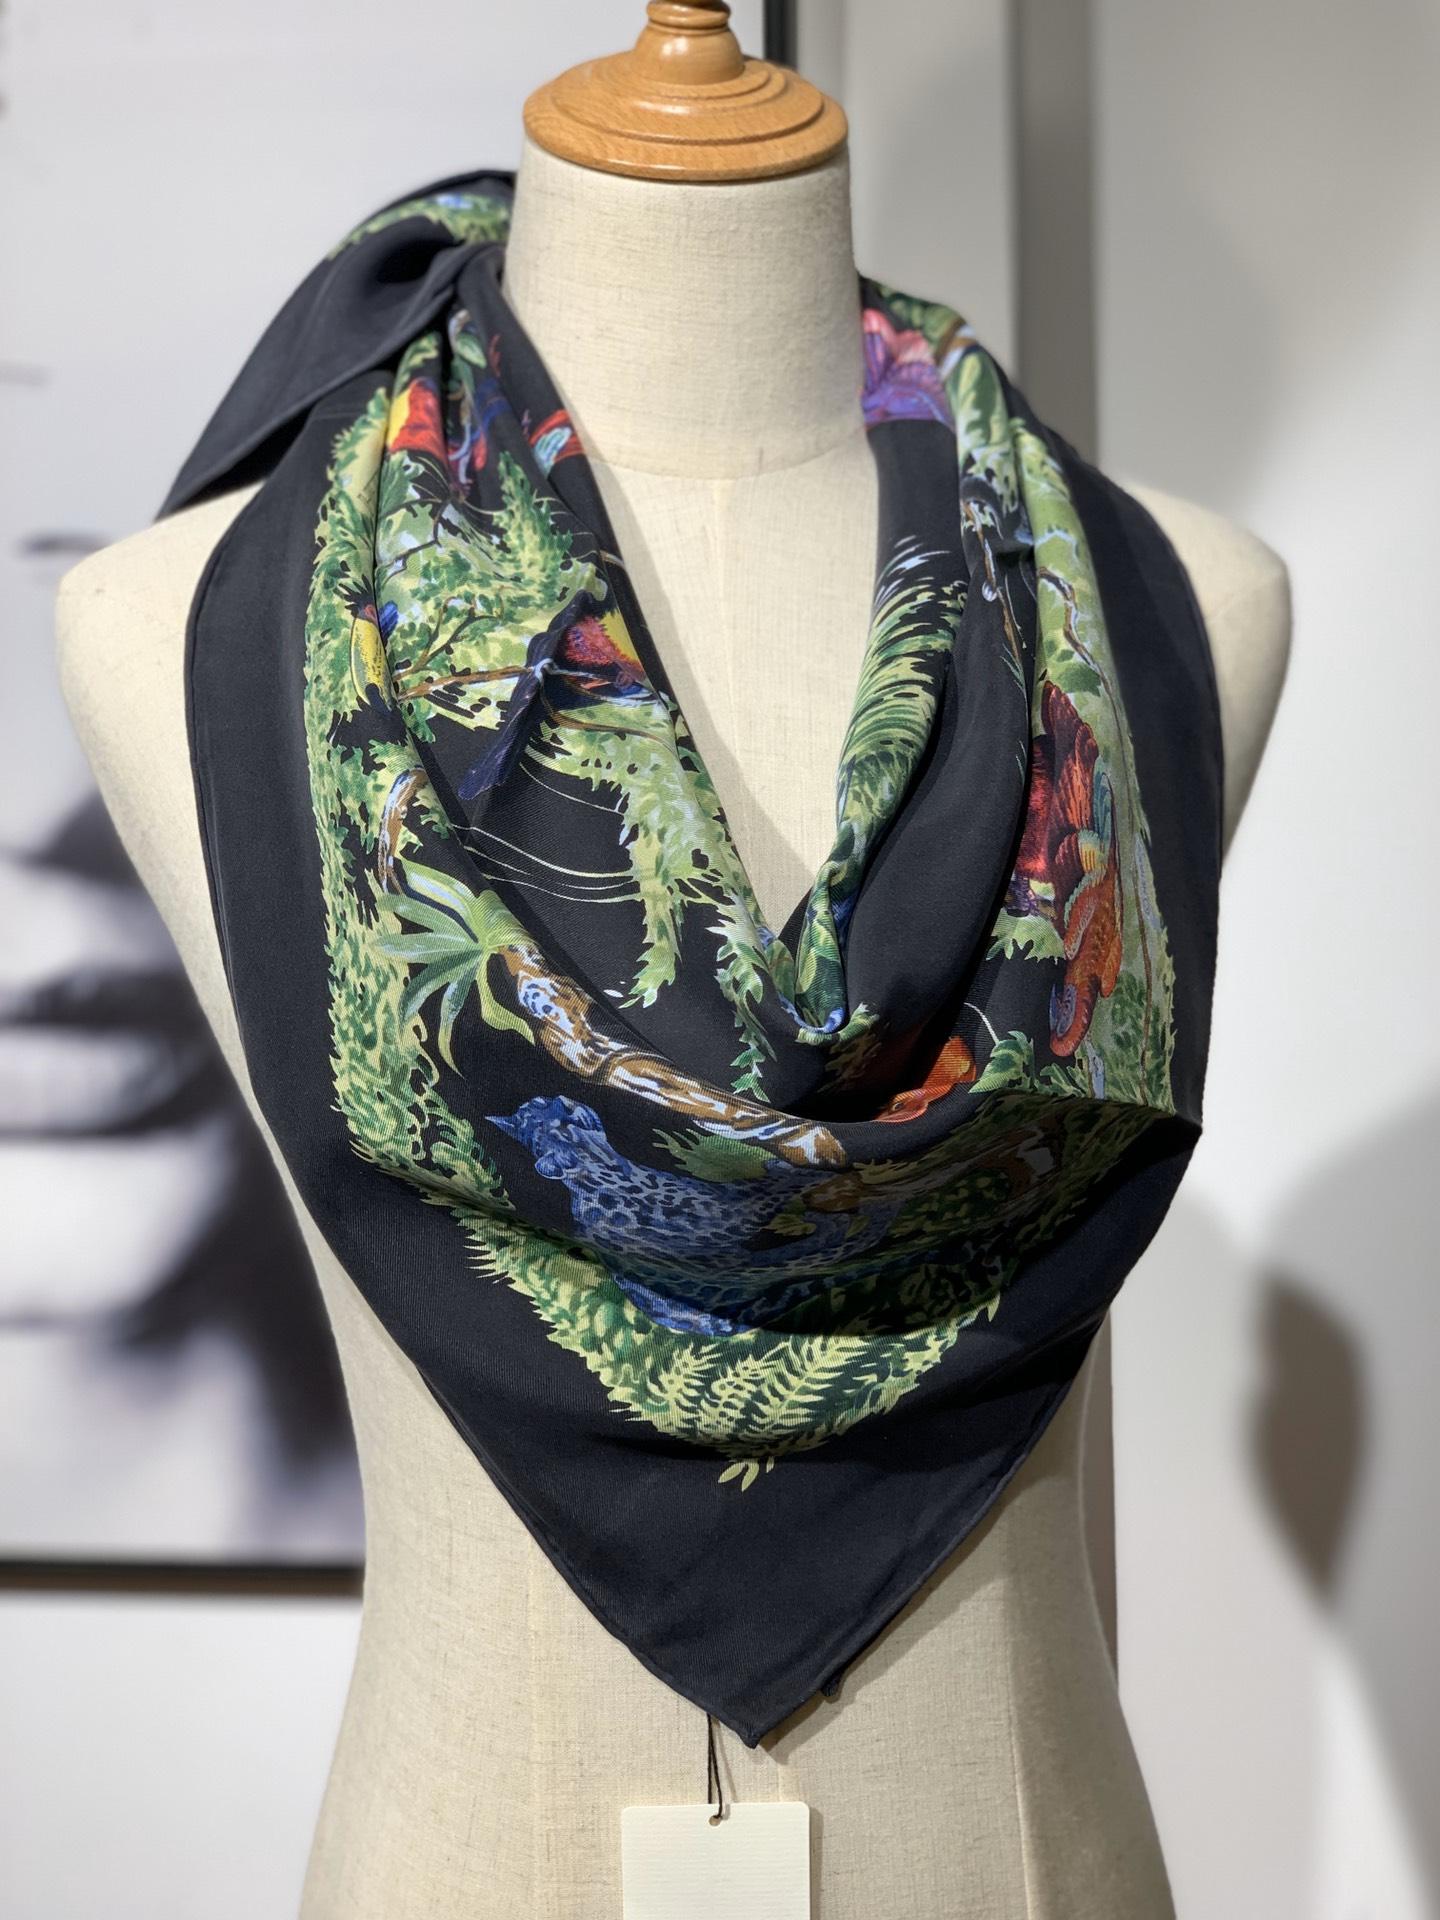 《 赤道丛林 》 黑色 · - 90x90cm 100%真丝 全套细节 礼品袋都齐全